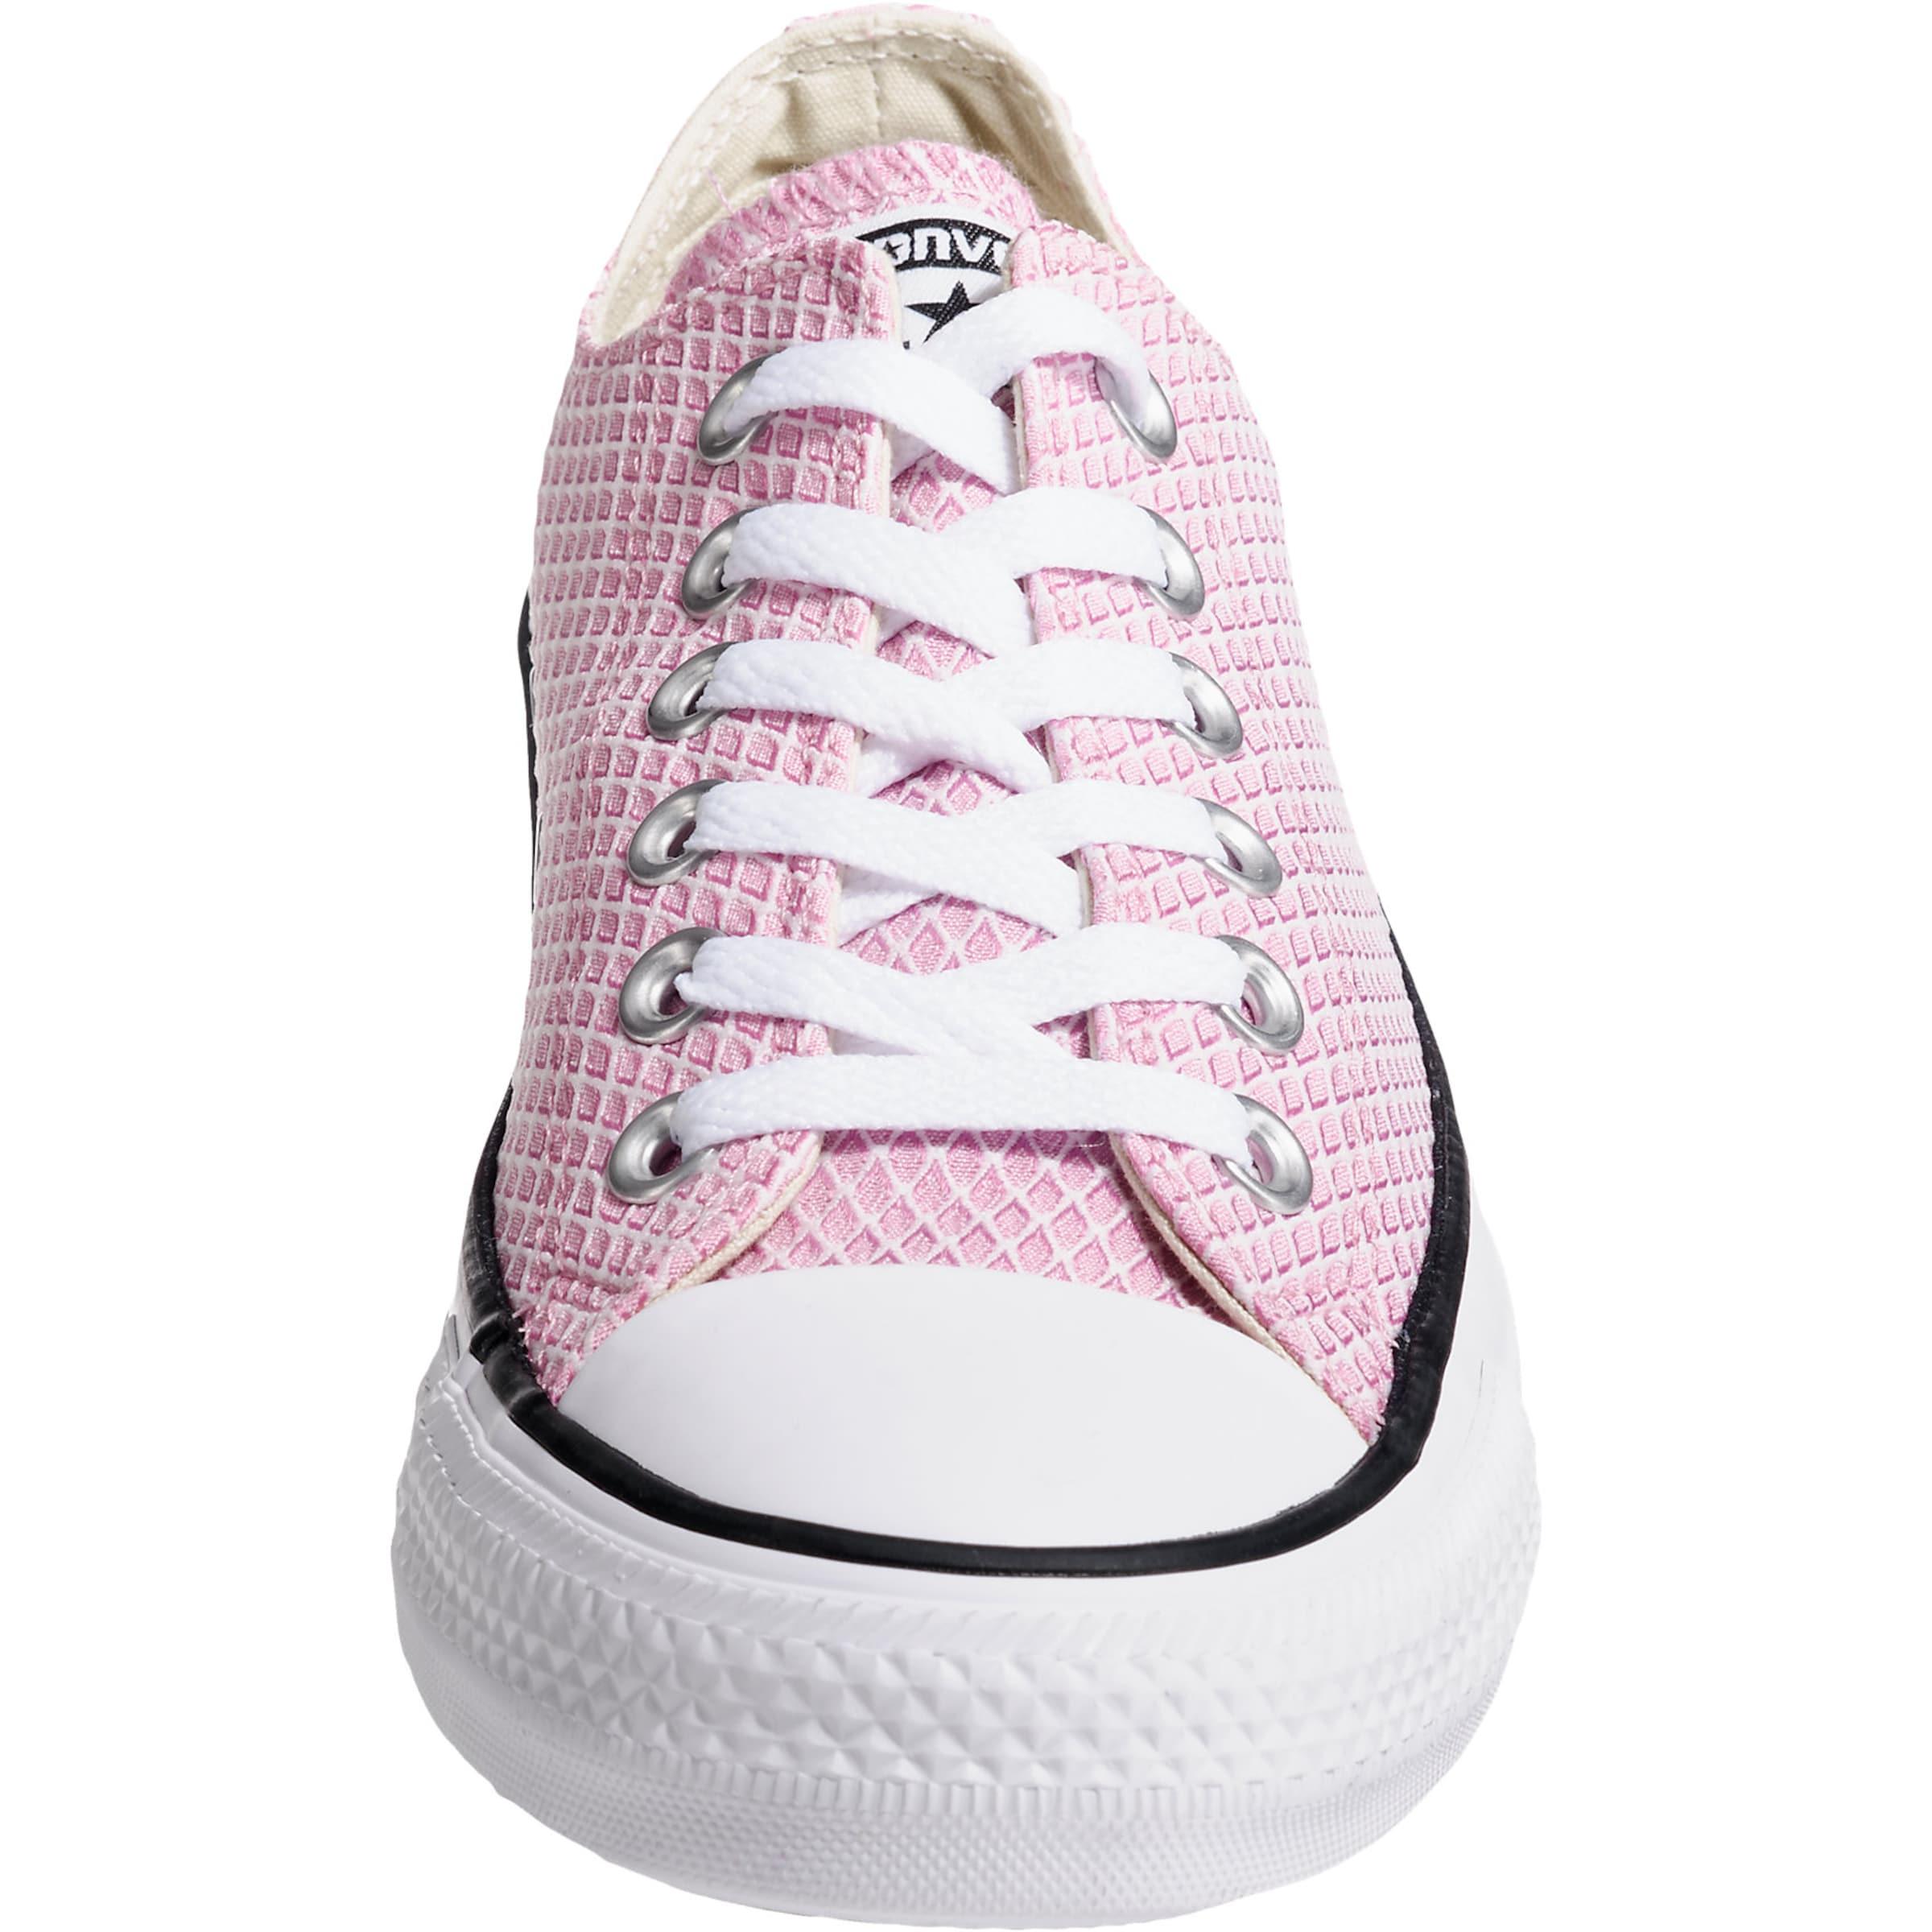 Viele Arten Von Günstigem Preis Günstige Preise Und Verfügbarkeit CONVERSE Sneakers 6FPIDZtE5